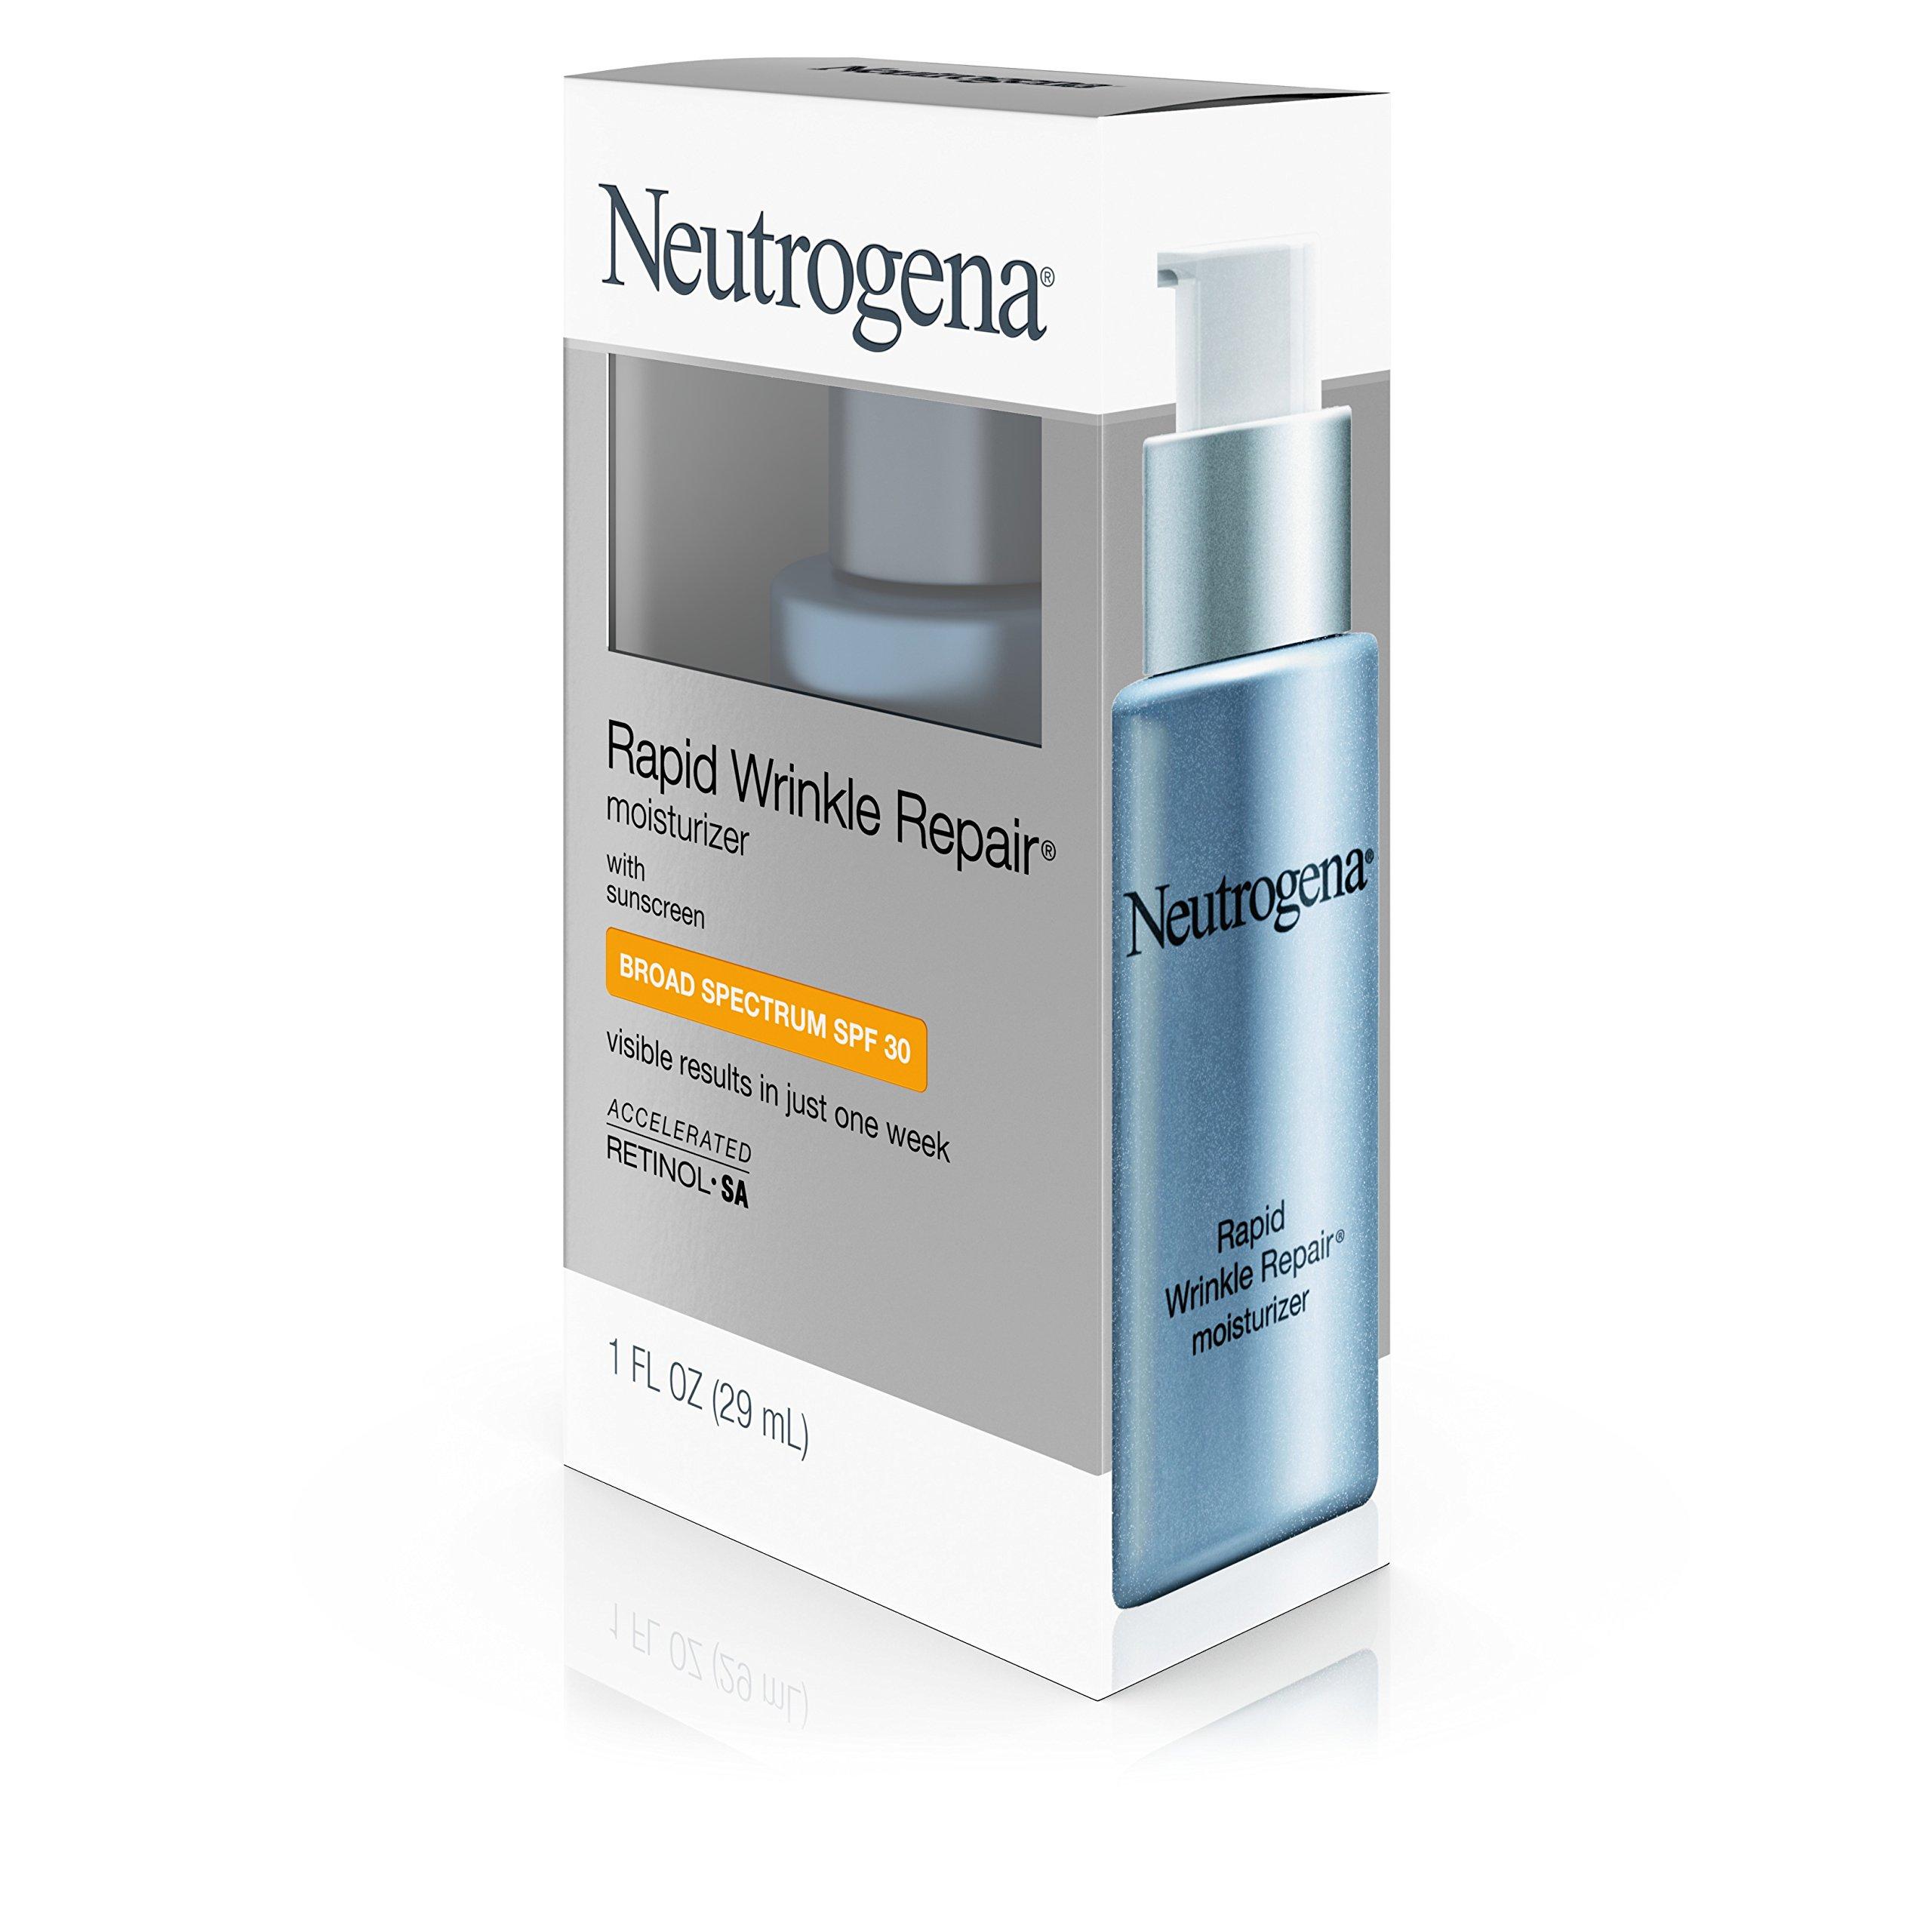 Neutrogena Rapid Wrinkle Repair Anti-Wrinkle Retinol Daily Face Moisturizer, with SPF 30 Sunscreen, 1 fl. Oz by Neutrogena (Image #11)